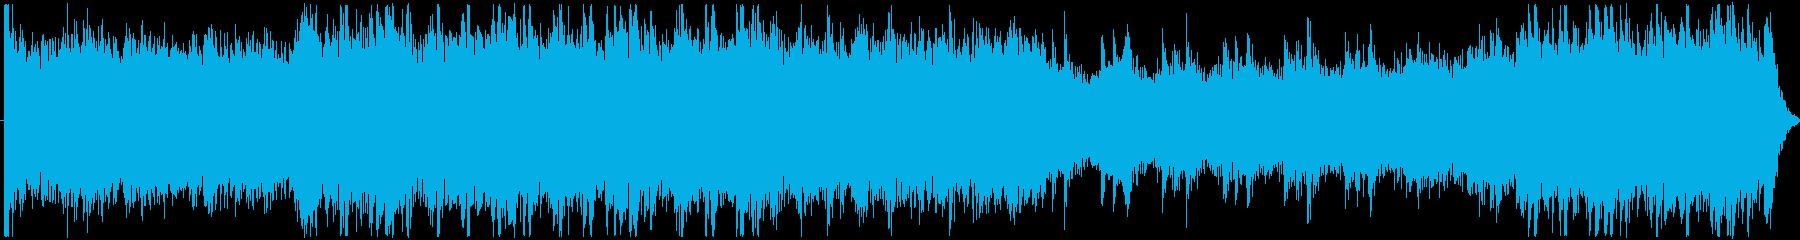 ストリングスと和太鼓による緊迫感の再生済みの波形